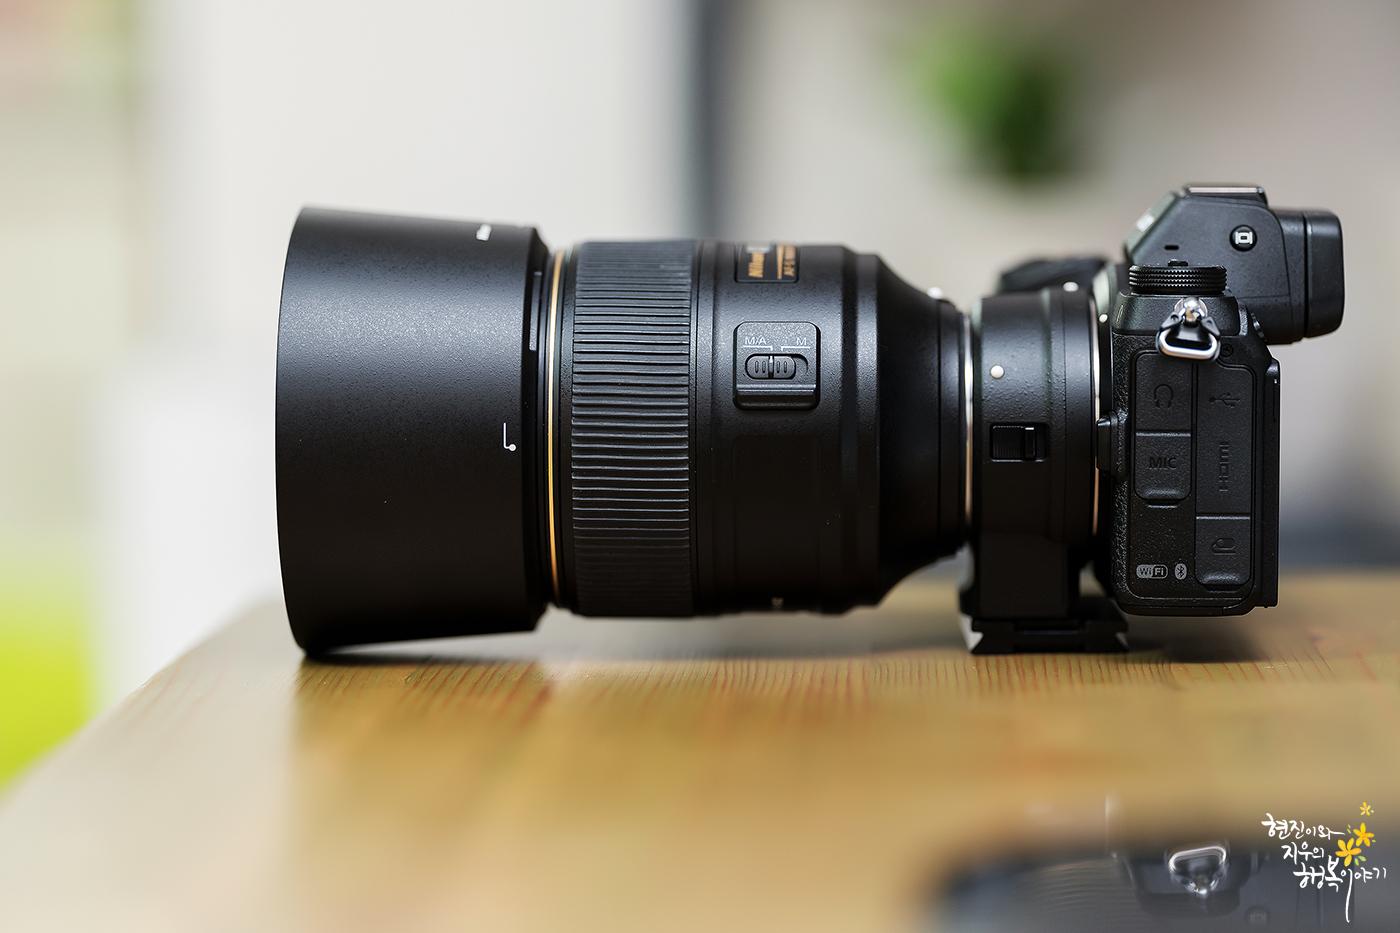 Z7 + FTZ + AF-S NIKKOR 105mm f/1.4E ED 사진